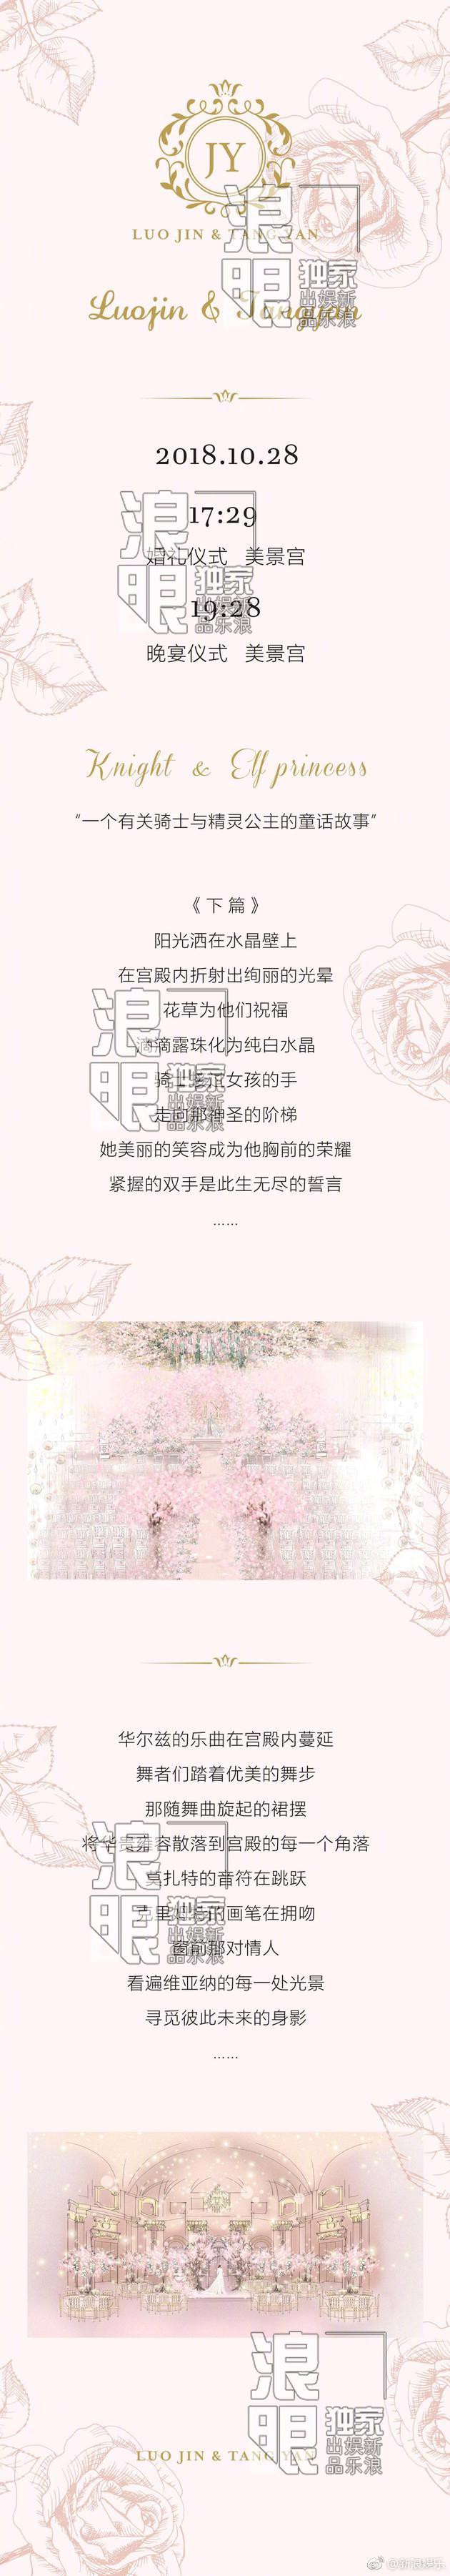 Đám cưới Đường Yên - La Tấn: Cô dâu xúc động ngỏ lời: Anh chính là người mà em tìm kiếm - Ảnh 19.